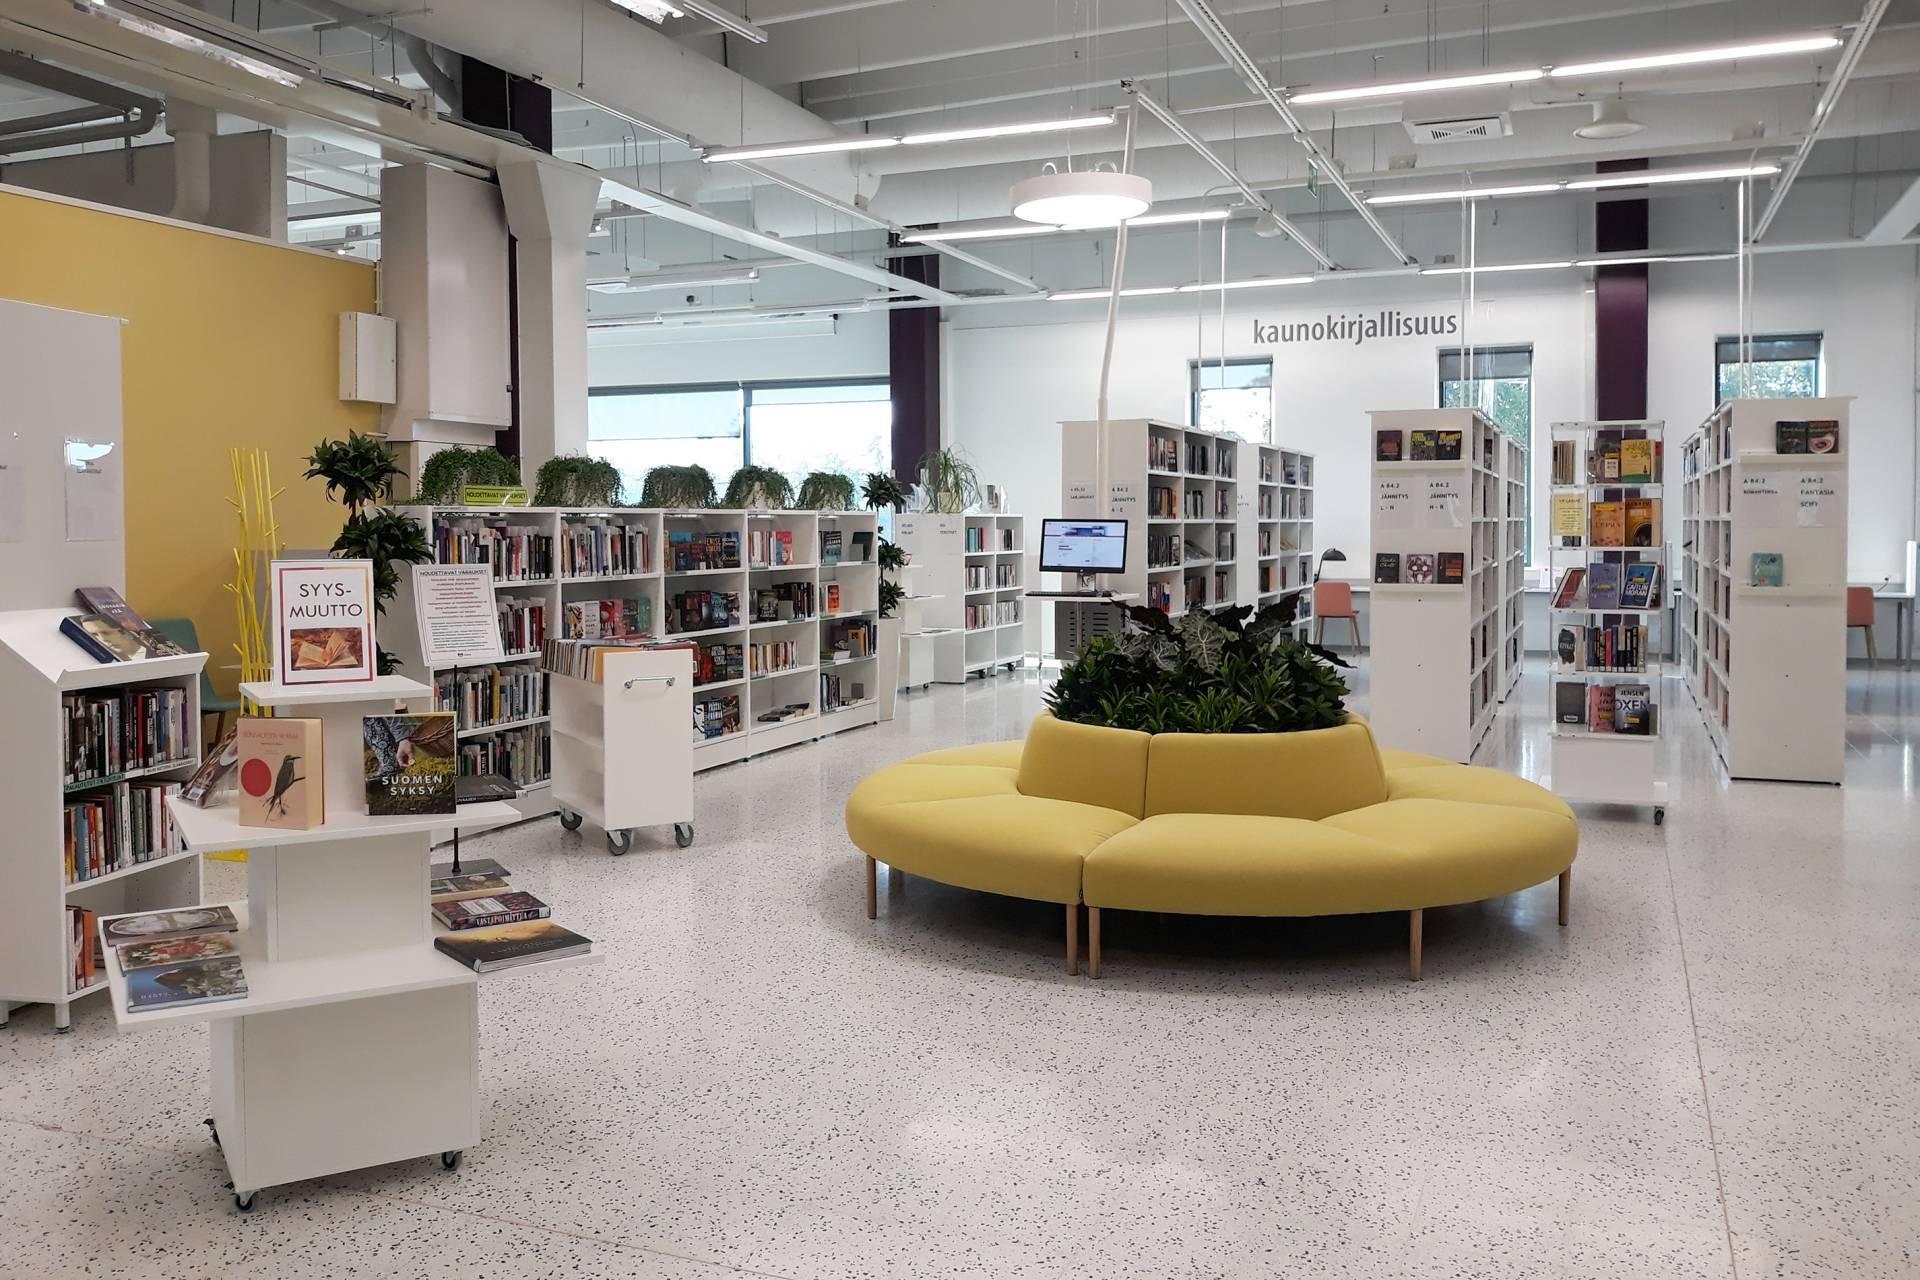 Kaupunginkirjasto Valon aulatila Kuvassa kirjojen esittelyhyllyjä, kirjahyllyjä sekä keltainen, pyöreä sohva, jonka keskellä viherkukkia.